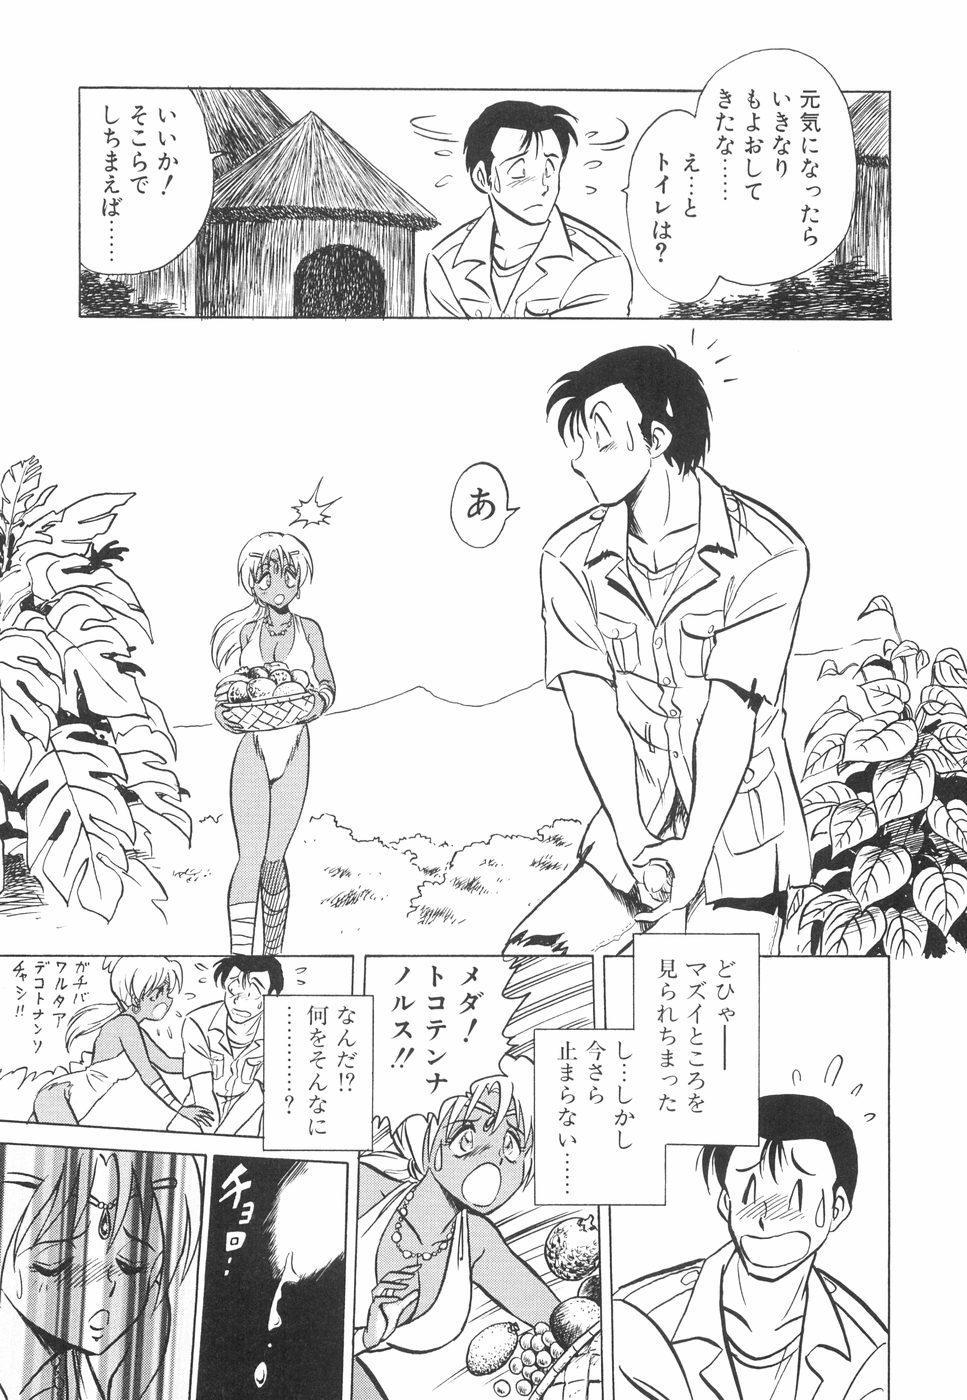 Hazukashime no Jikan 145